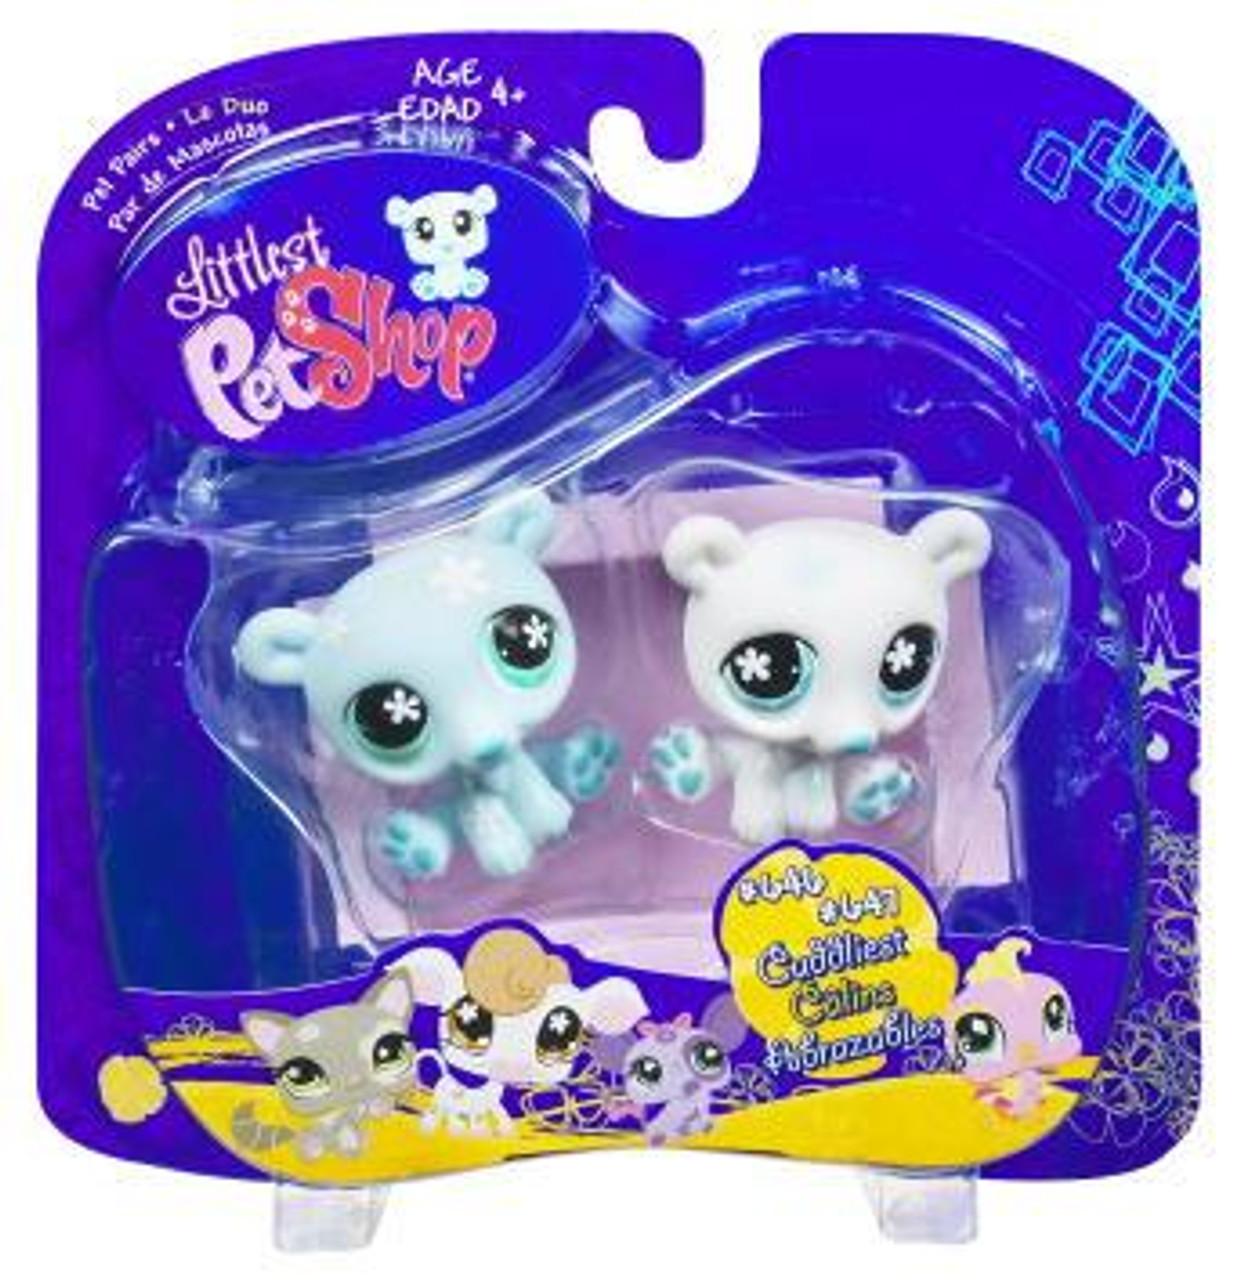 Littlest Pet Shop Pet Pairs Twin Polar Bears 2-Pack